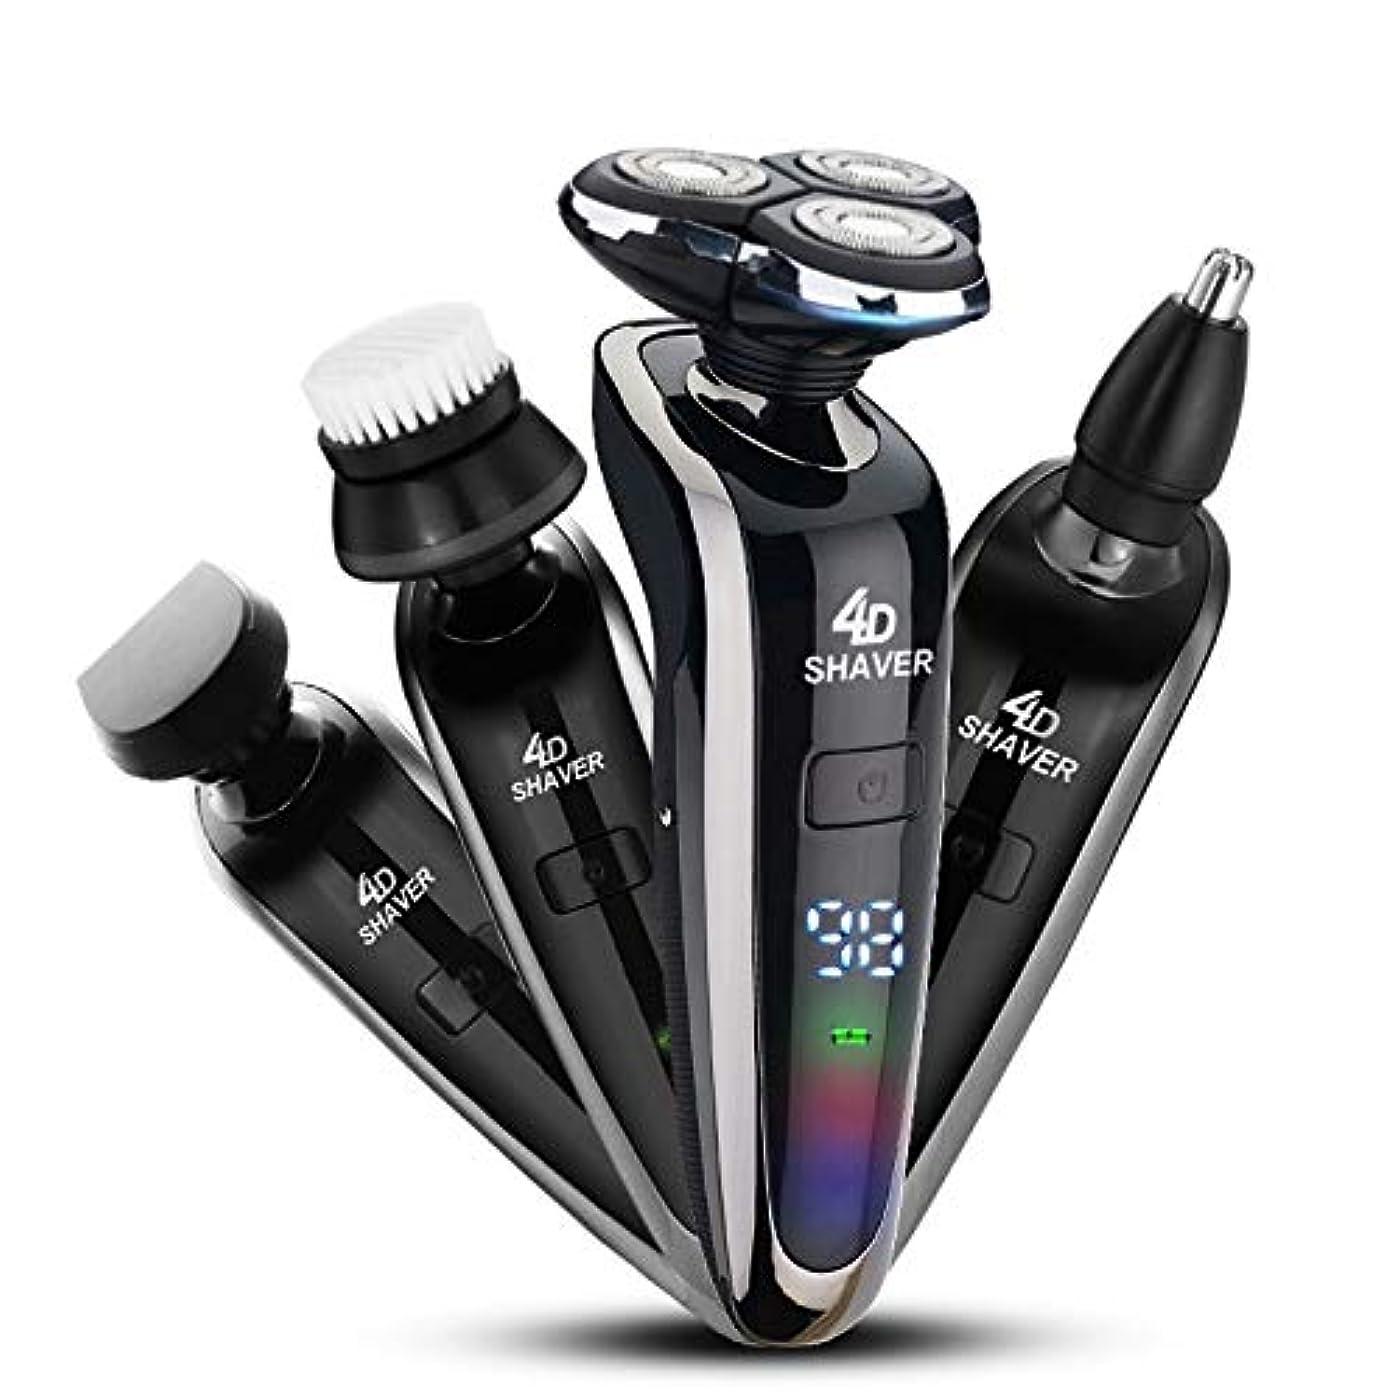 パス差別抜本的なメンズ電気シェーバー 3枚刃 4 in 1髭剃り USB充電式 LEDディスプレイー お風呂剃り可能 トリマーと鼻毛カッター 洗顔ブラシ付き 防水仕様IPX基準 本体丸洗い可能